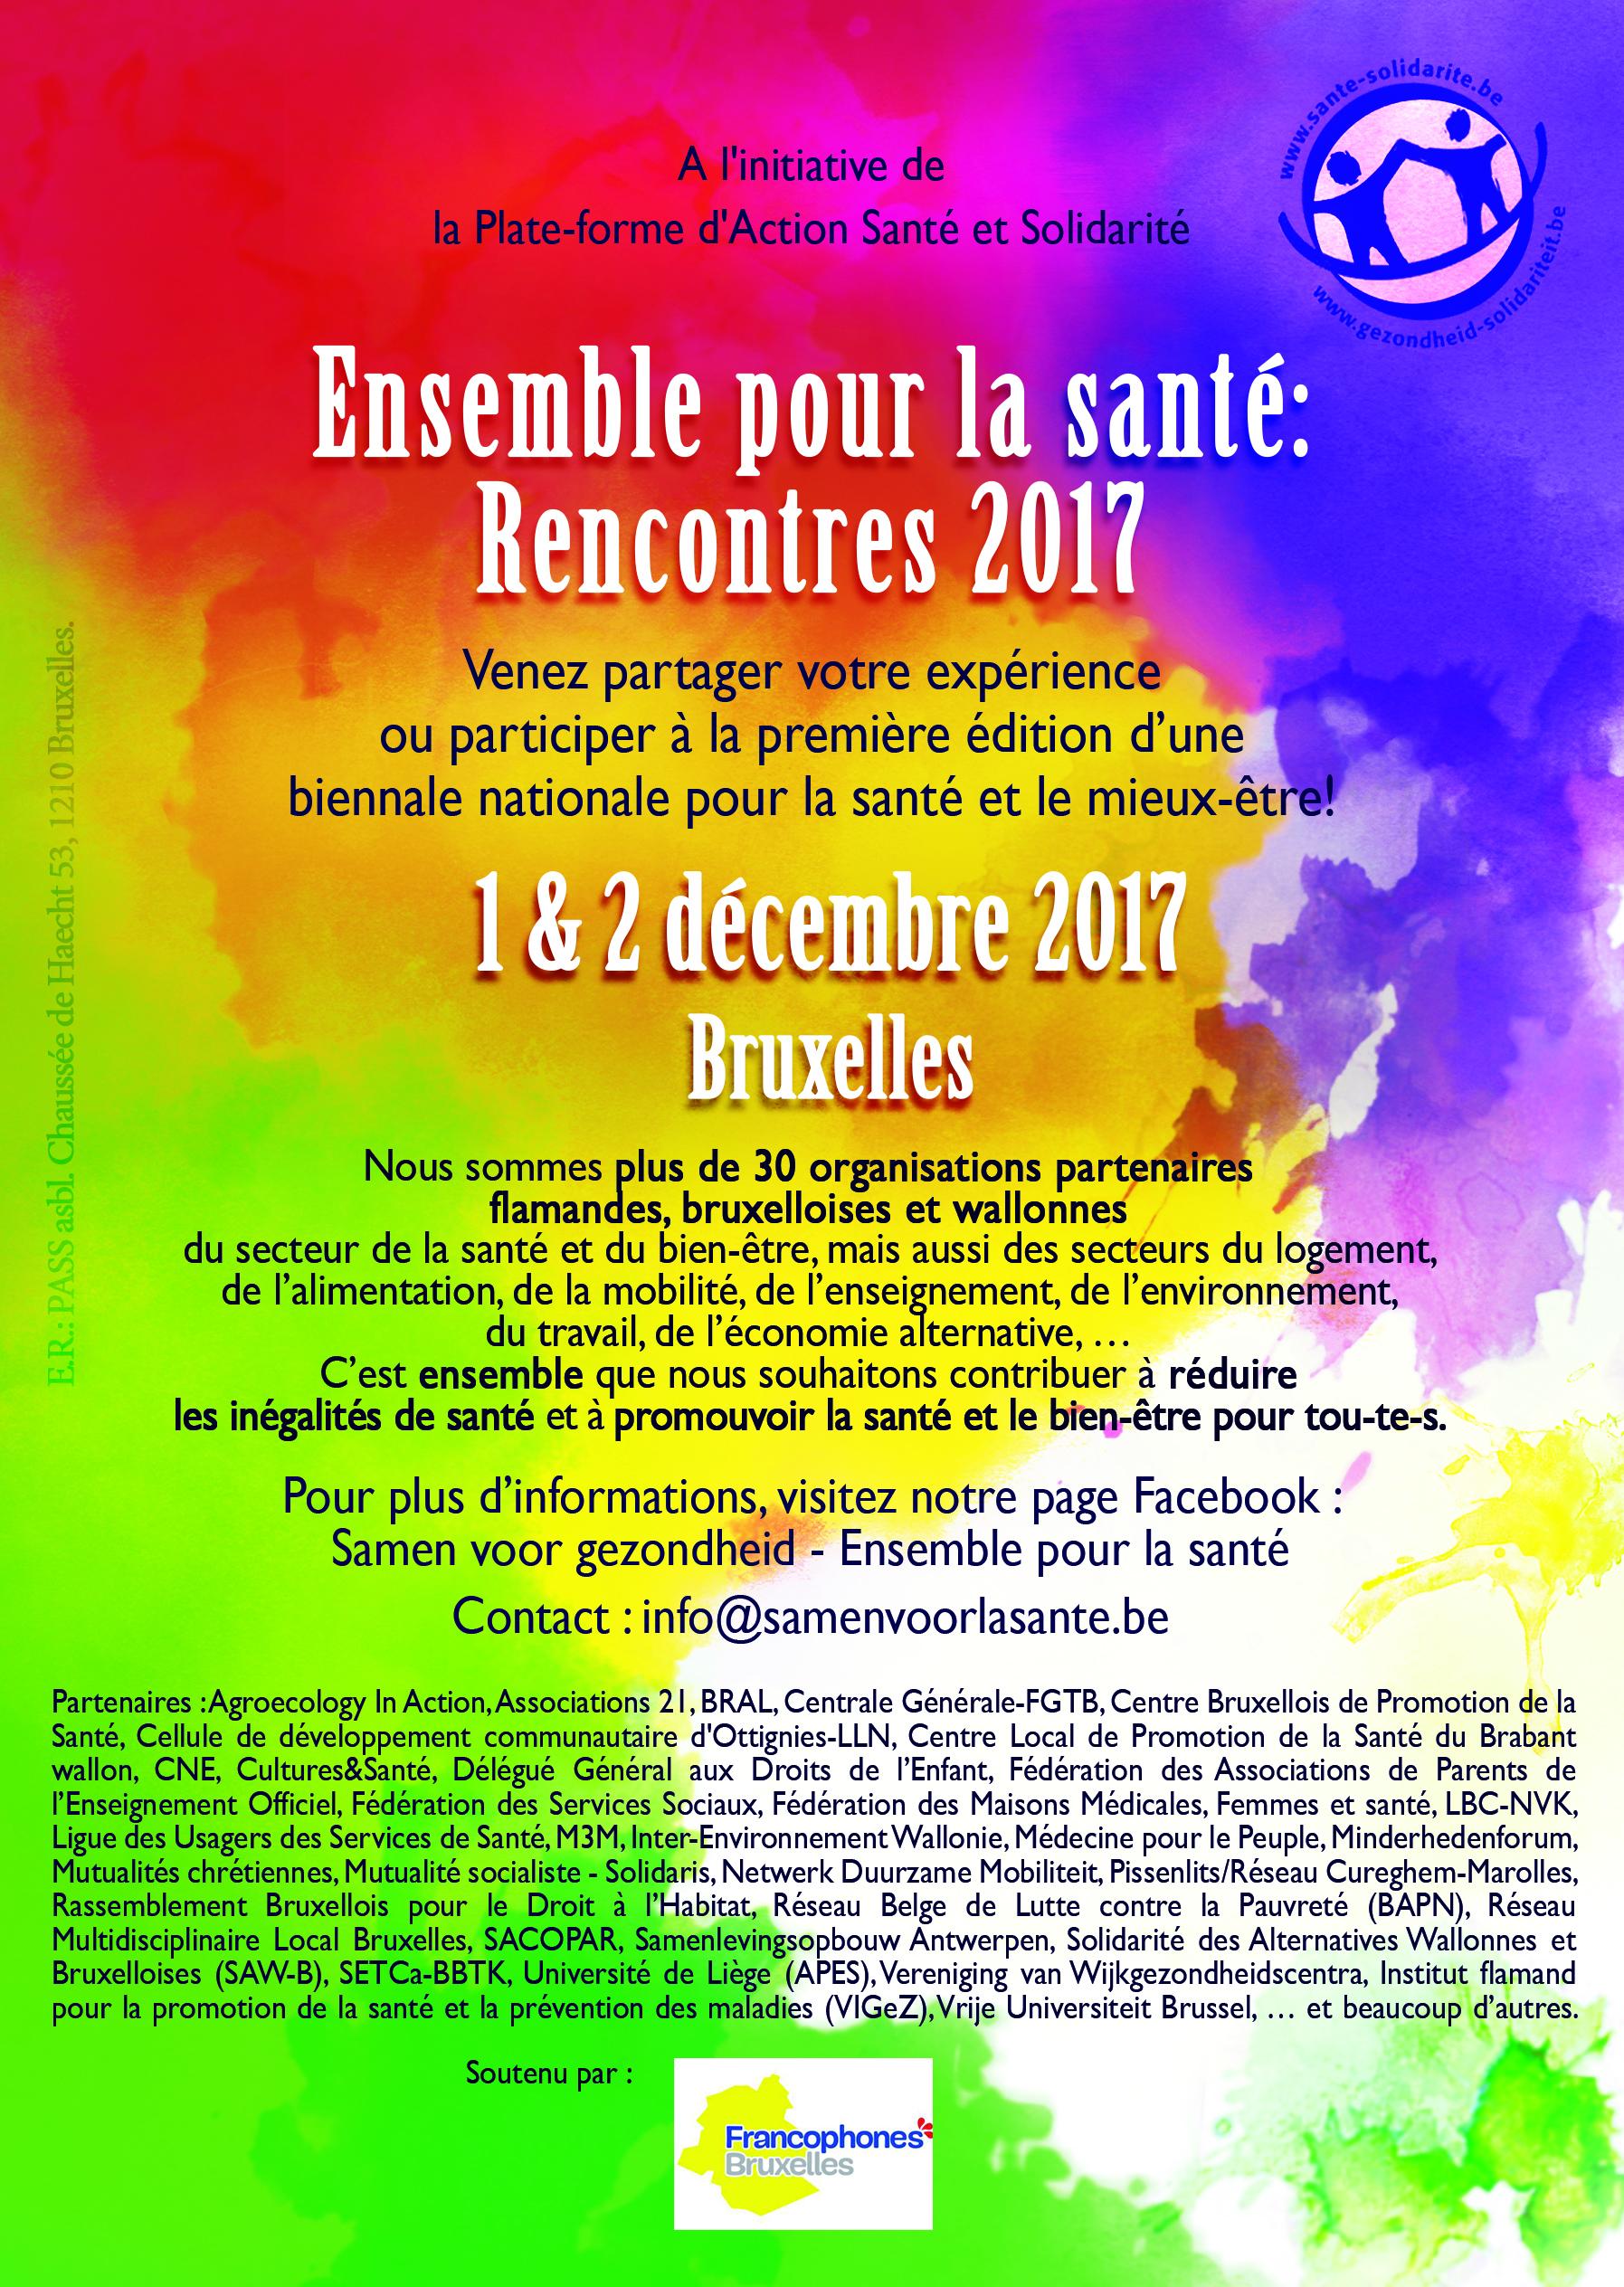 flyer_ensemble_pour_la_sante_rencontres_2017_fr-2.jpg